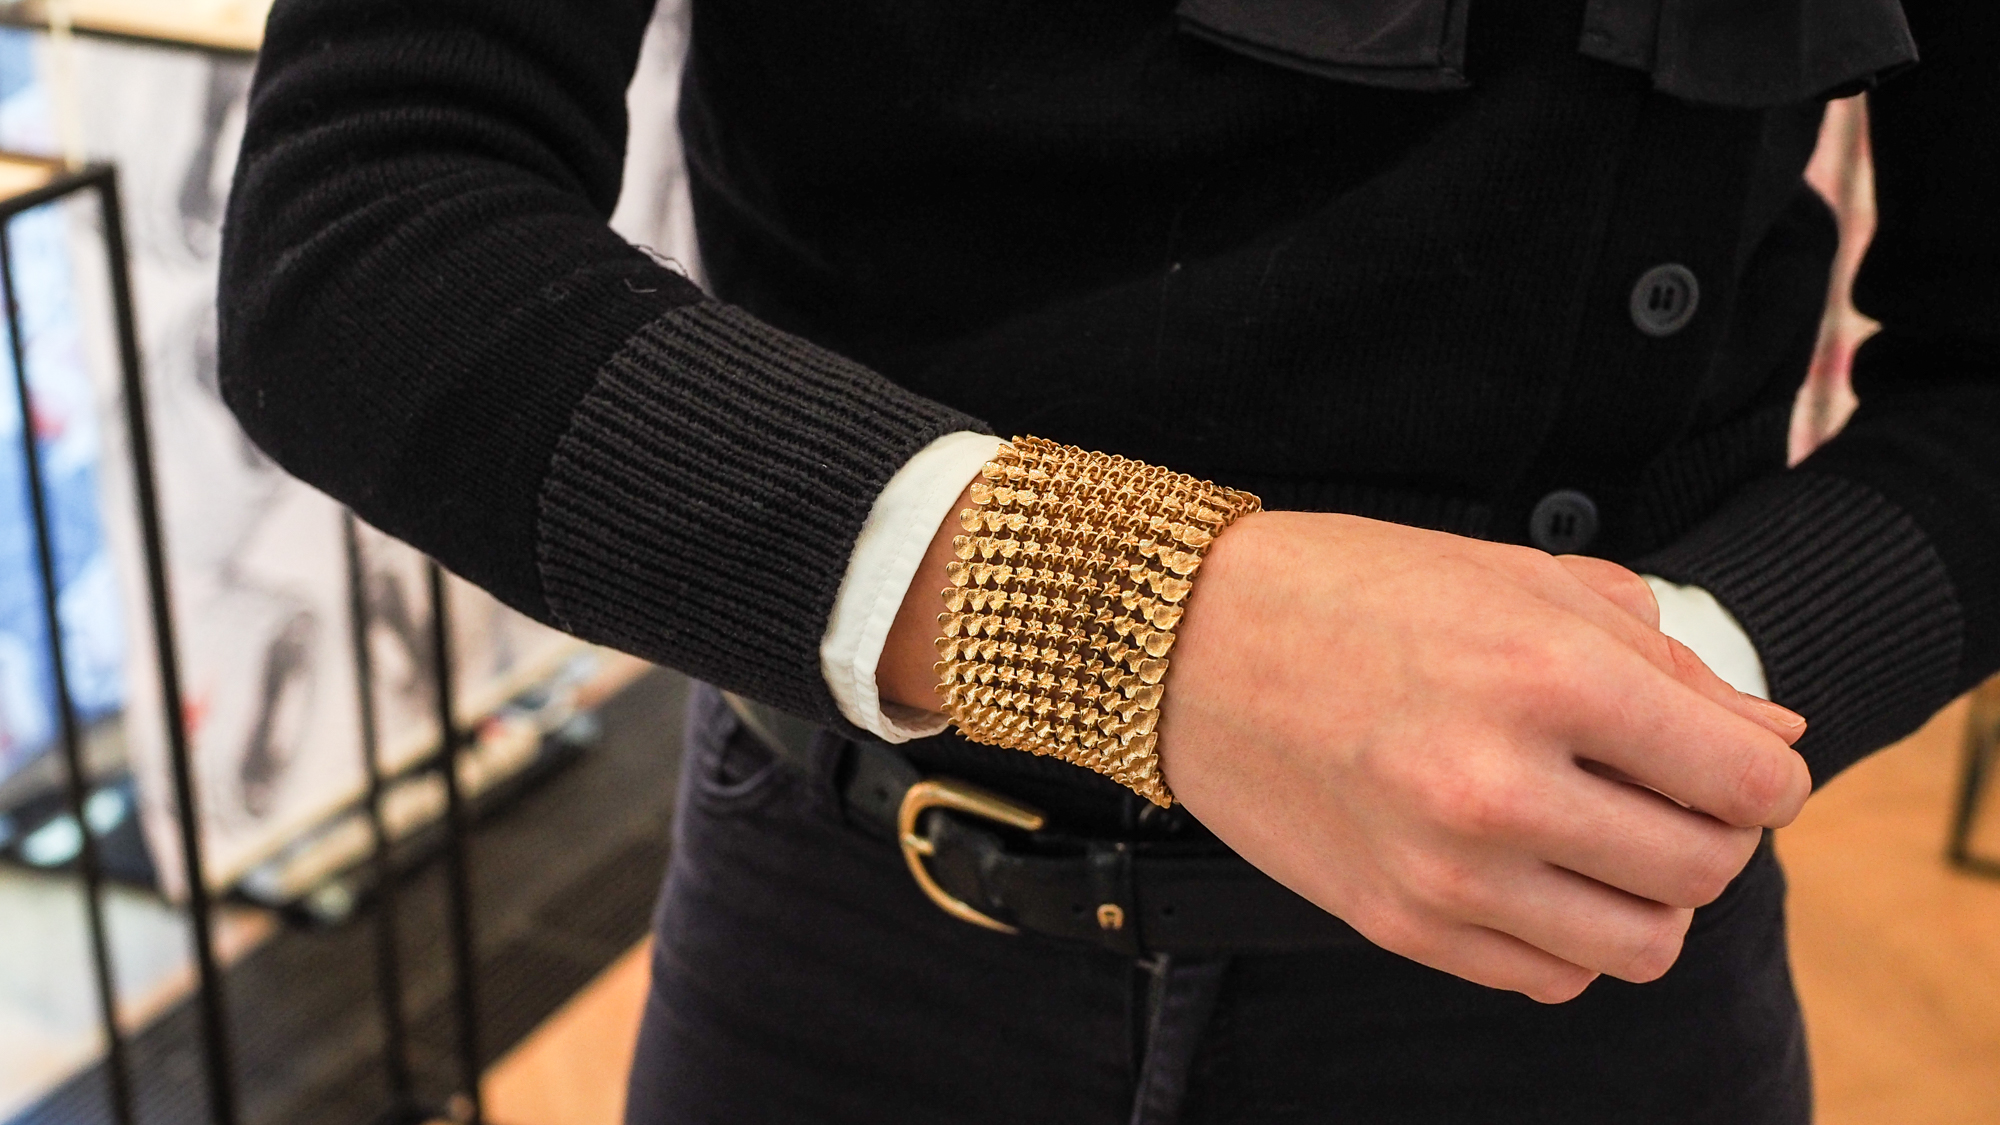 Marie Boltensterns Armband aus 18-karätigem Gold kommt aus dem 3D-Drucker © Trending Topics